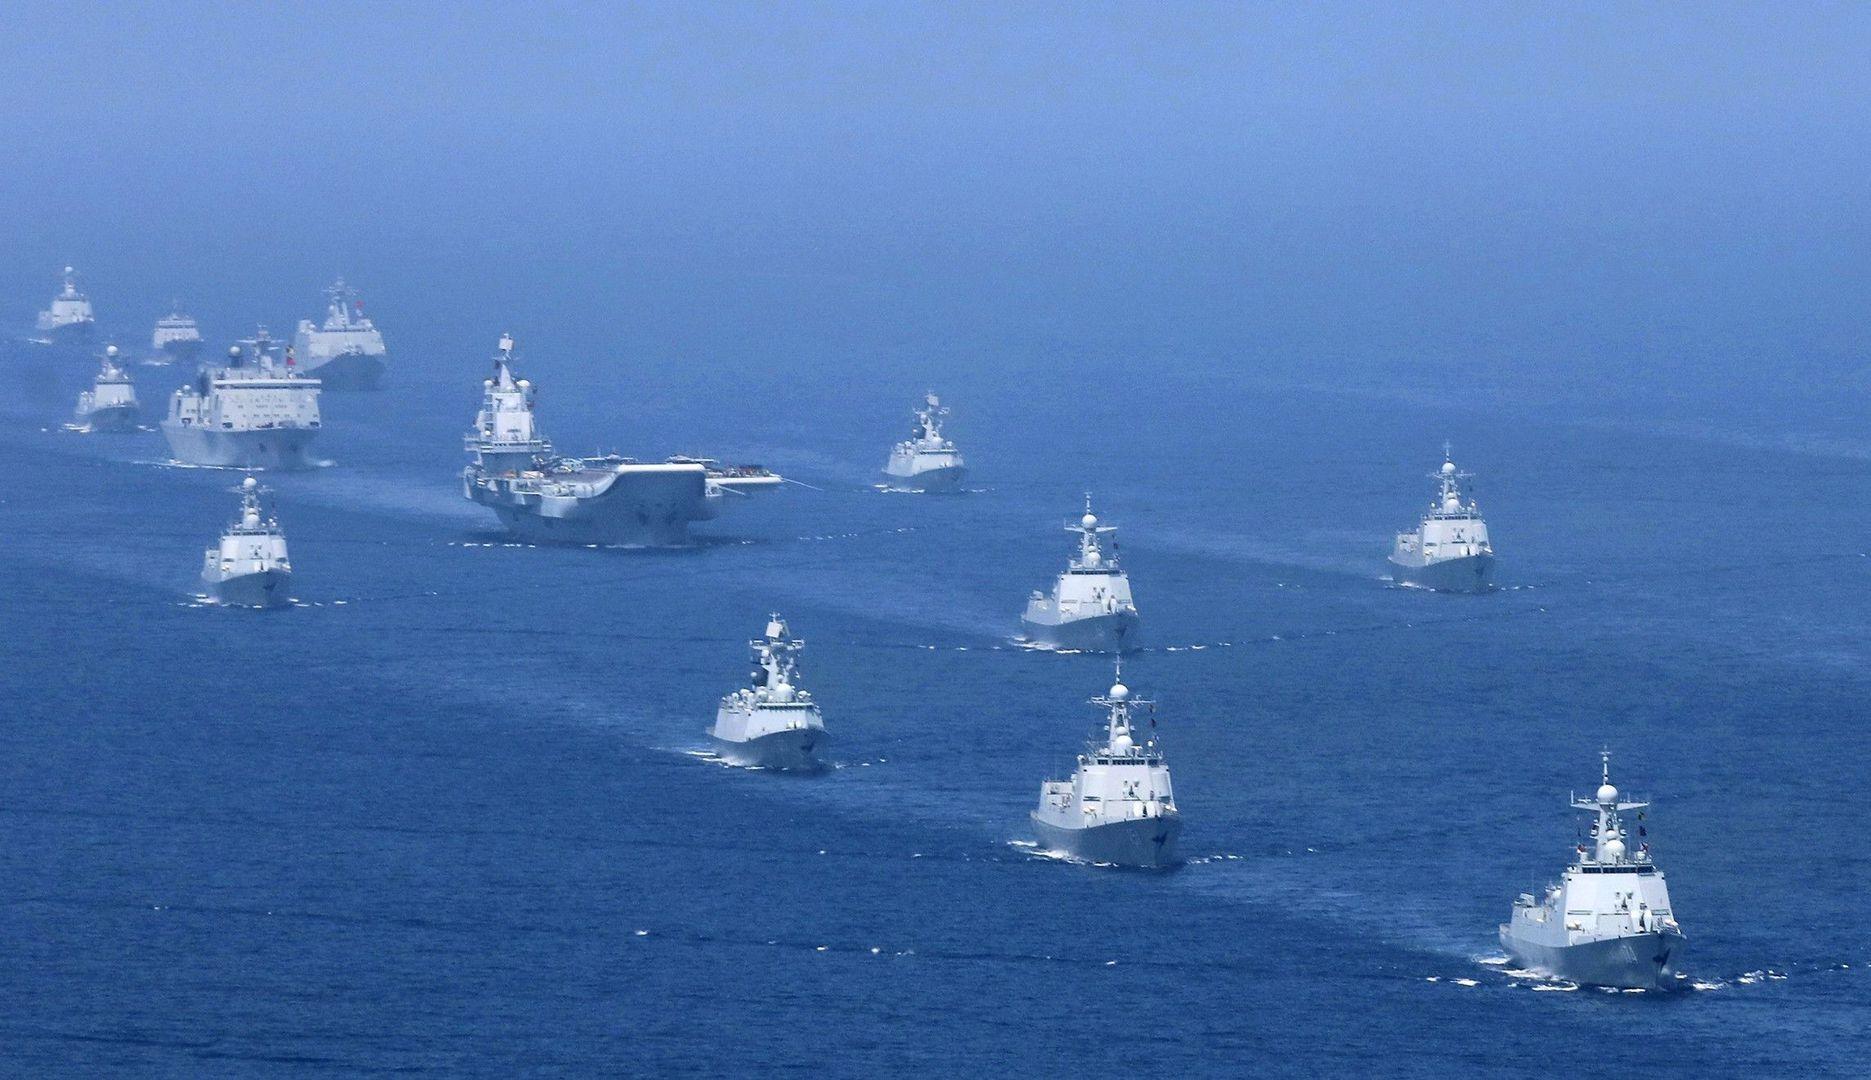 China Naval Modernization Implications For Us Navy China Chinadefence Chinesenavy Usnavy In 2020 South China Sea South China Naval